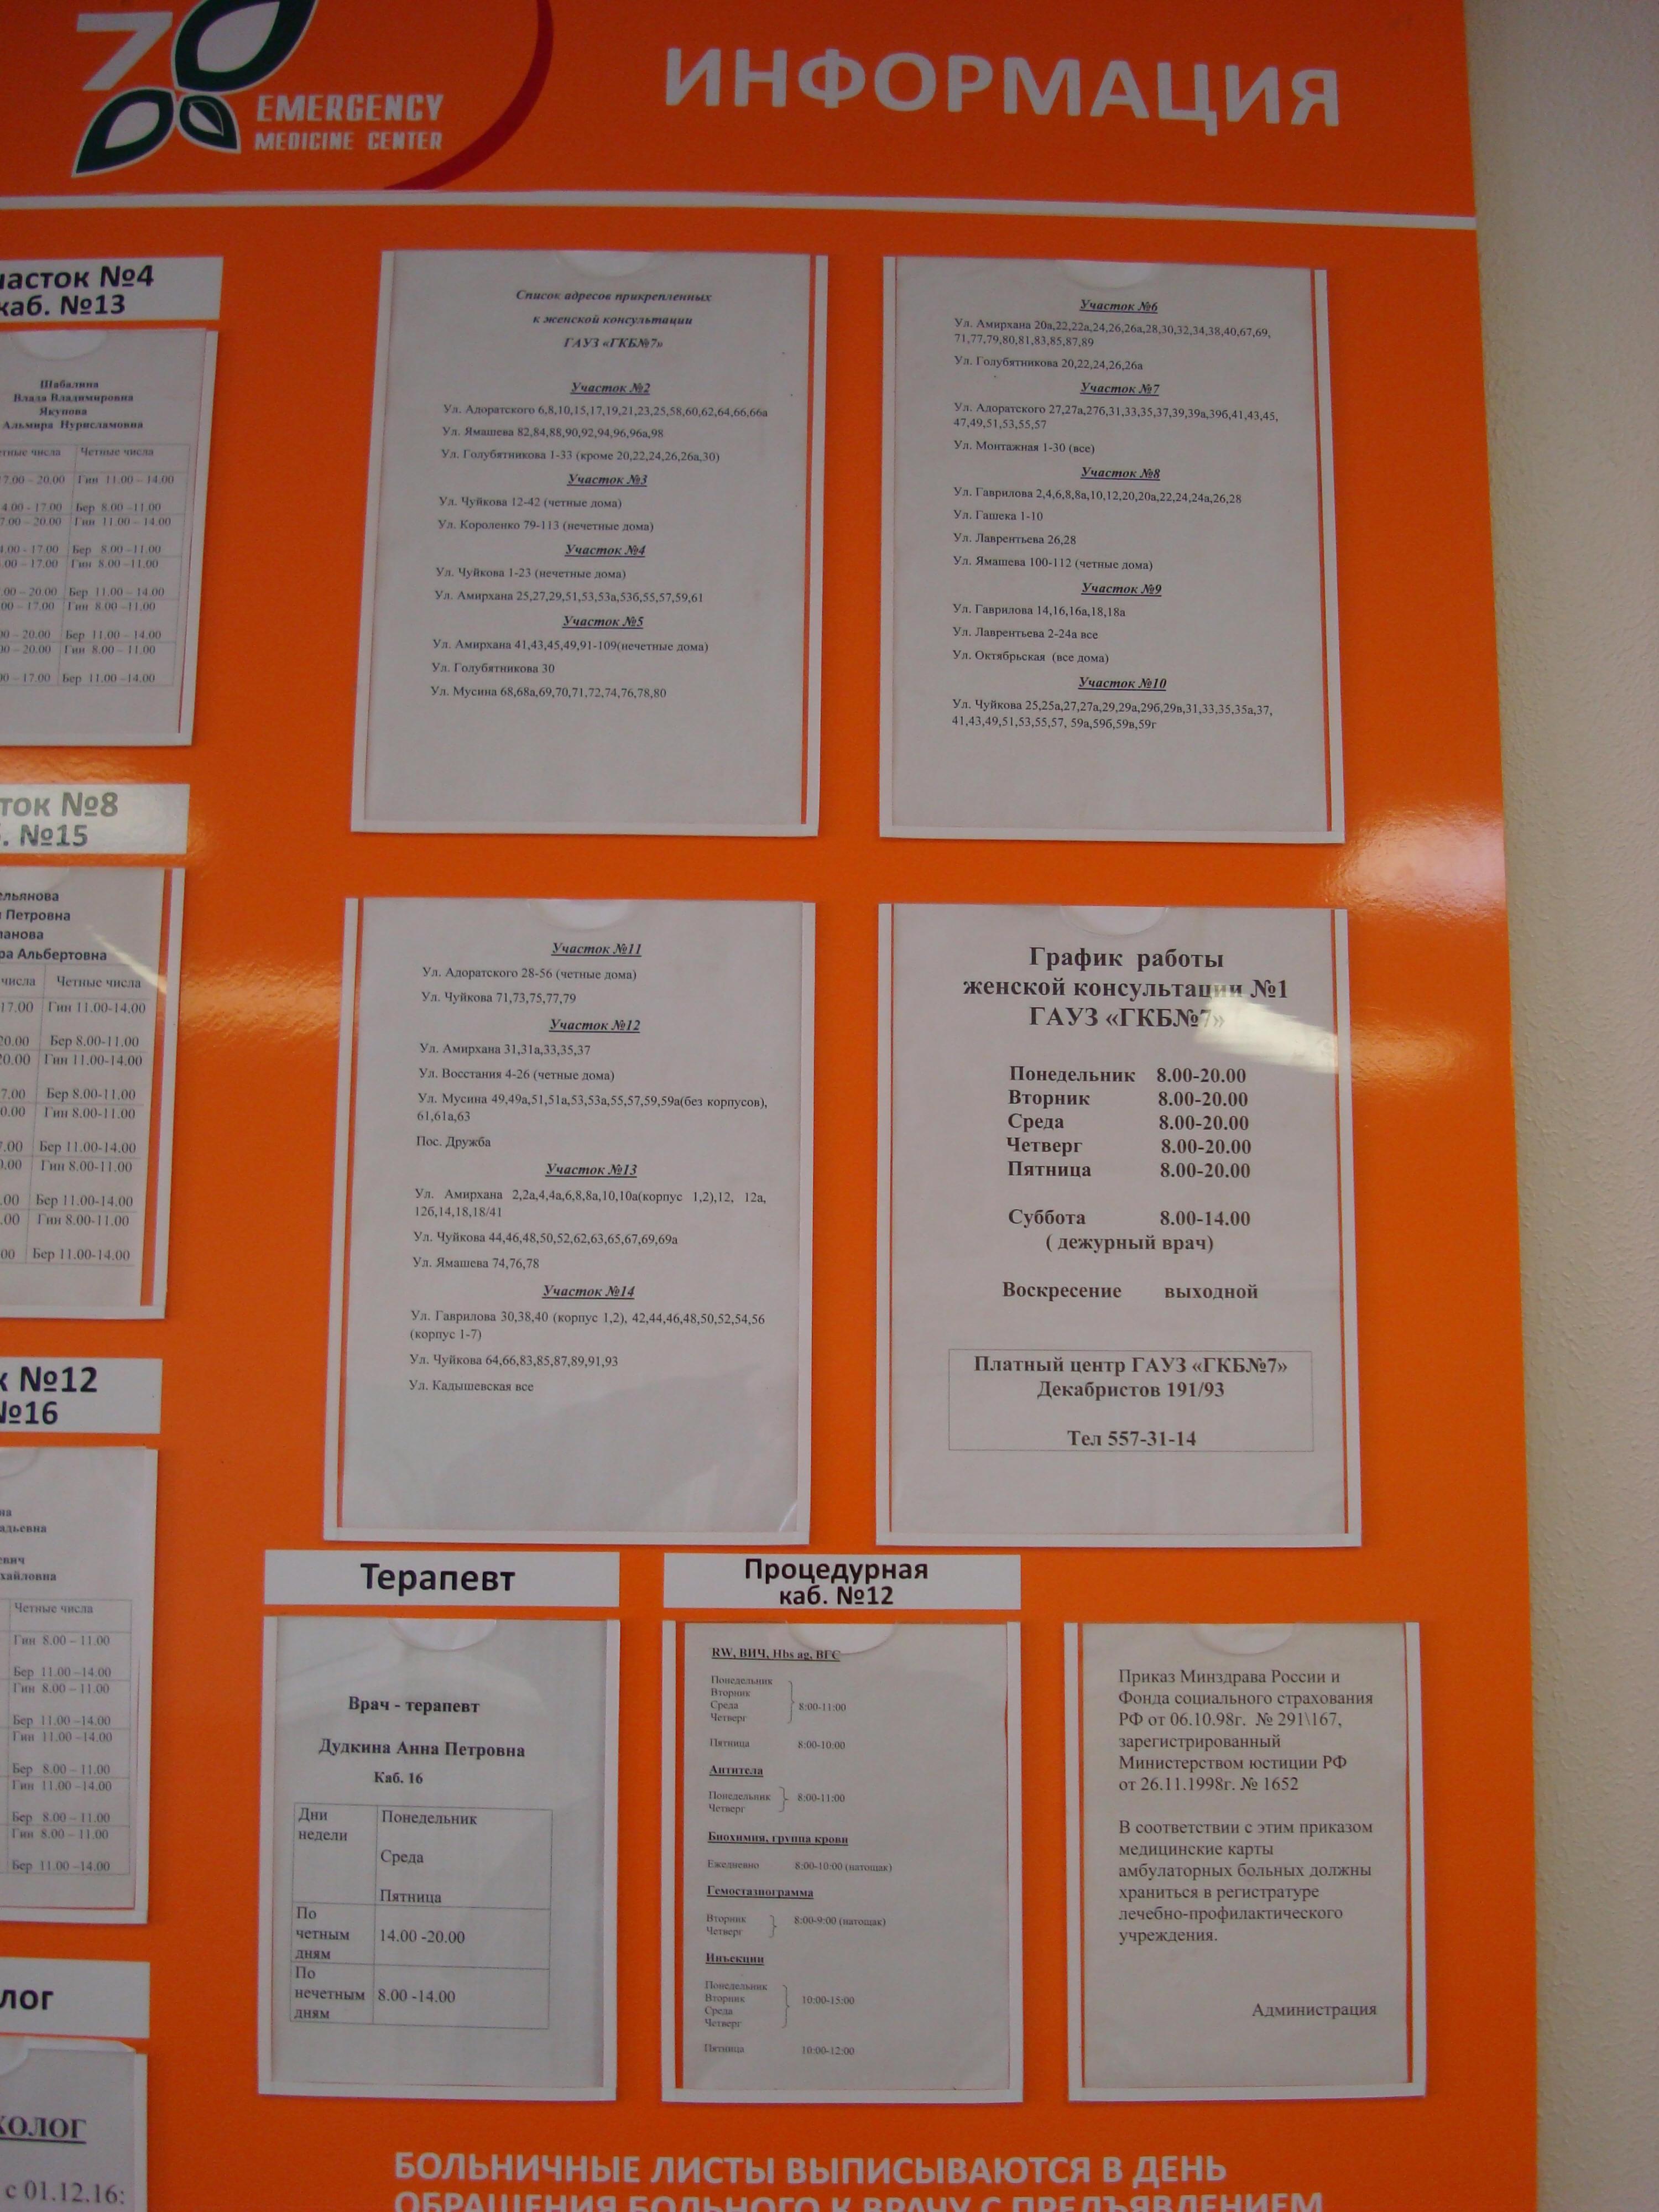 женская консультация 1 Казань родильный дом 1 ул.Чуйкова д.56 расписание адреса участков